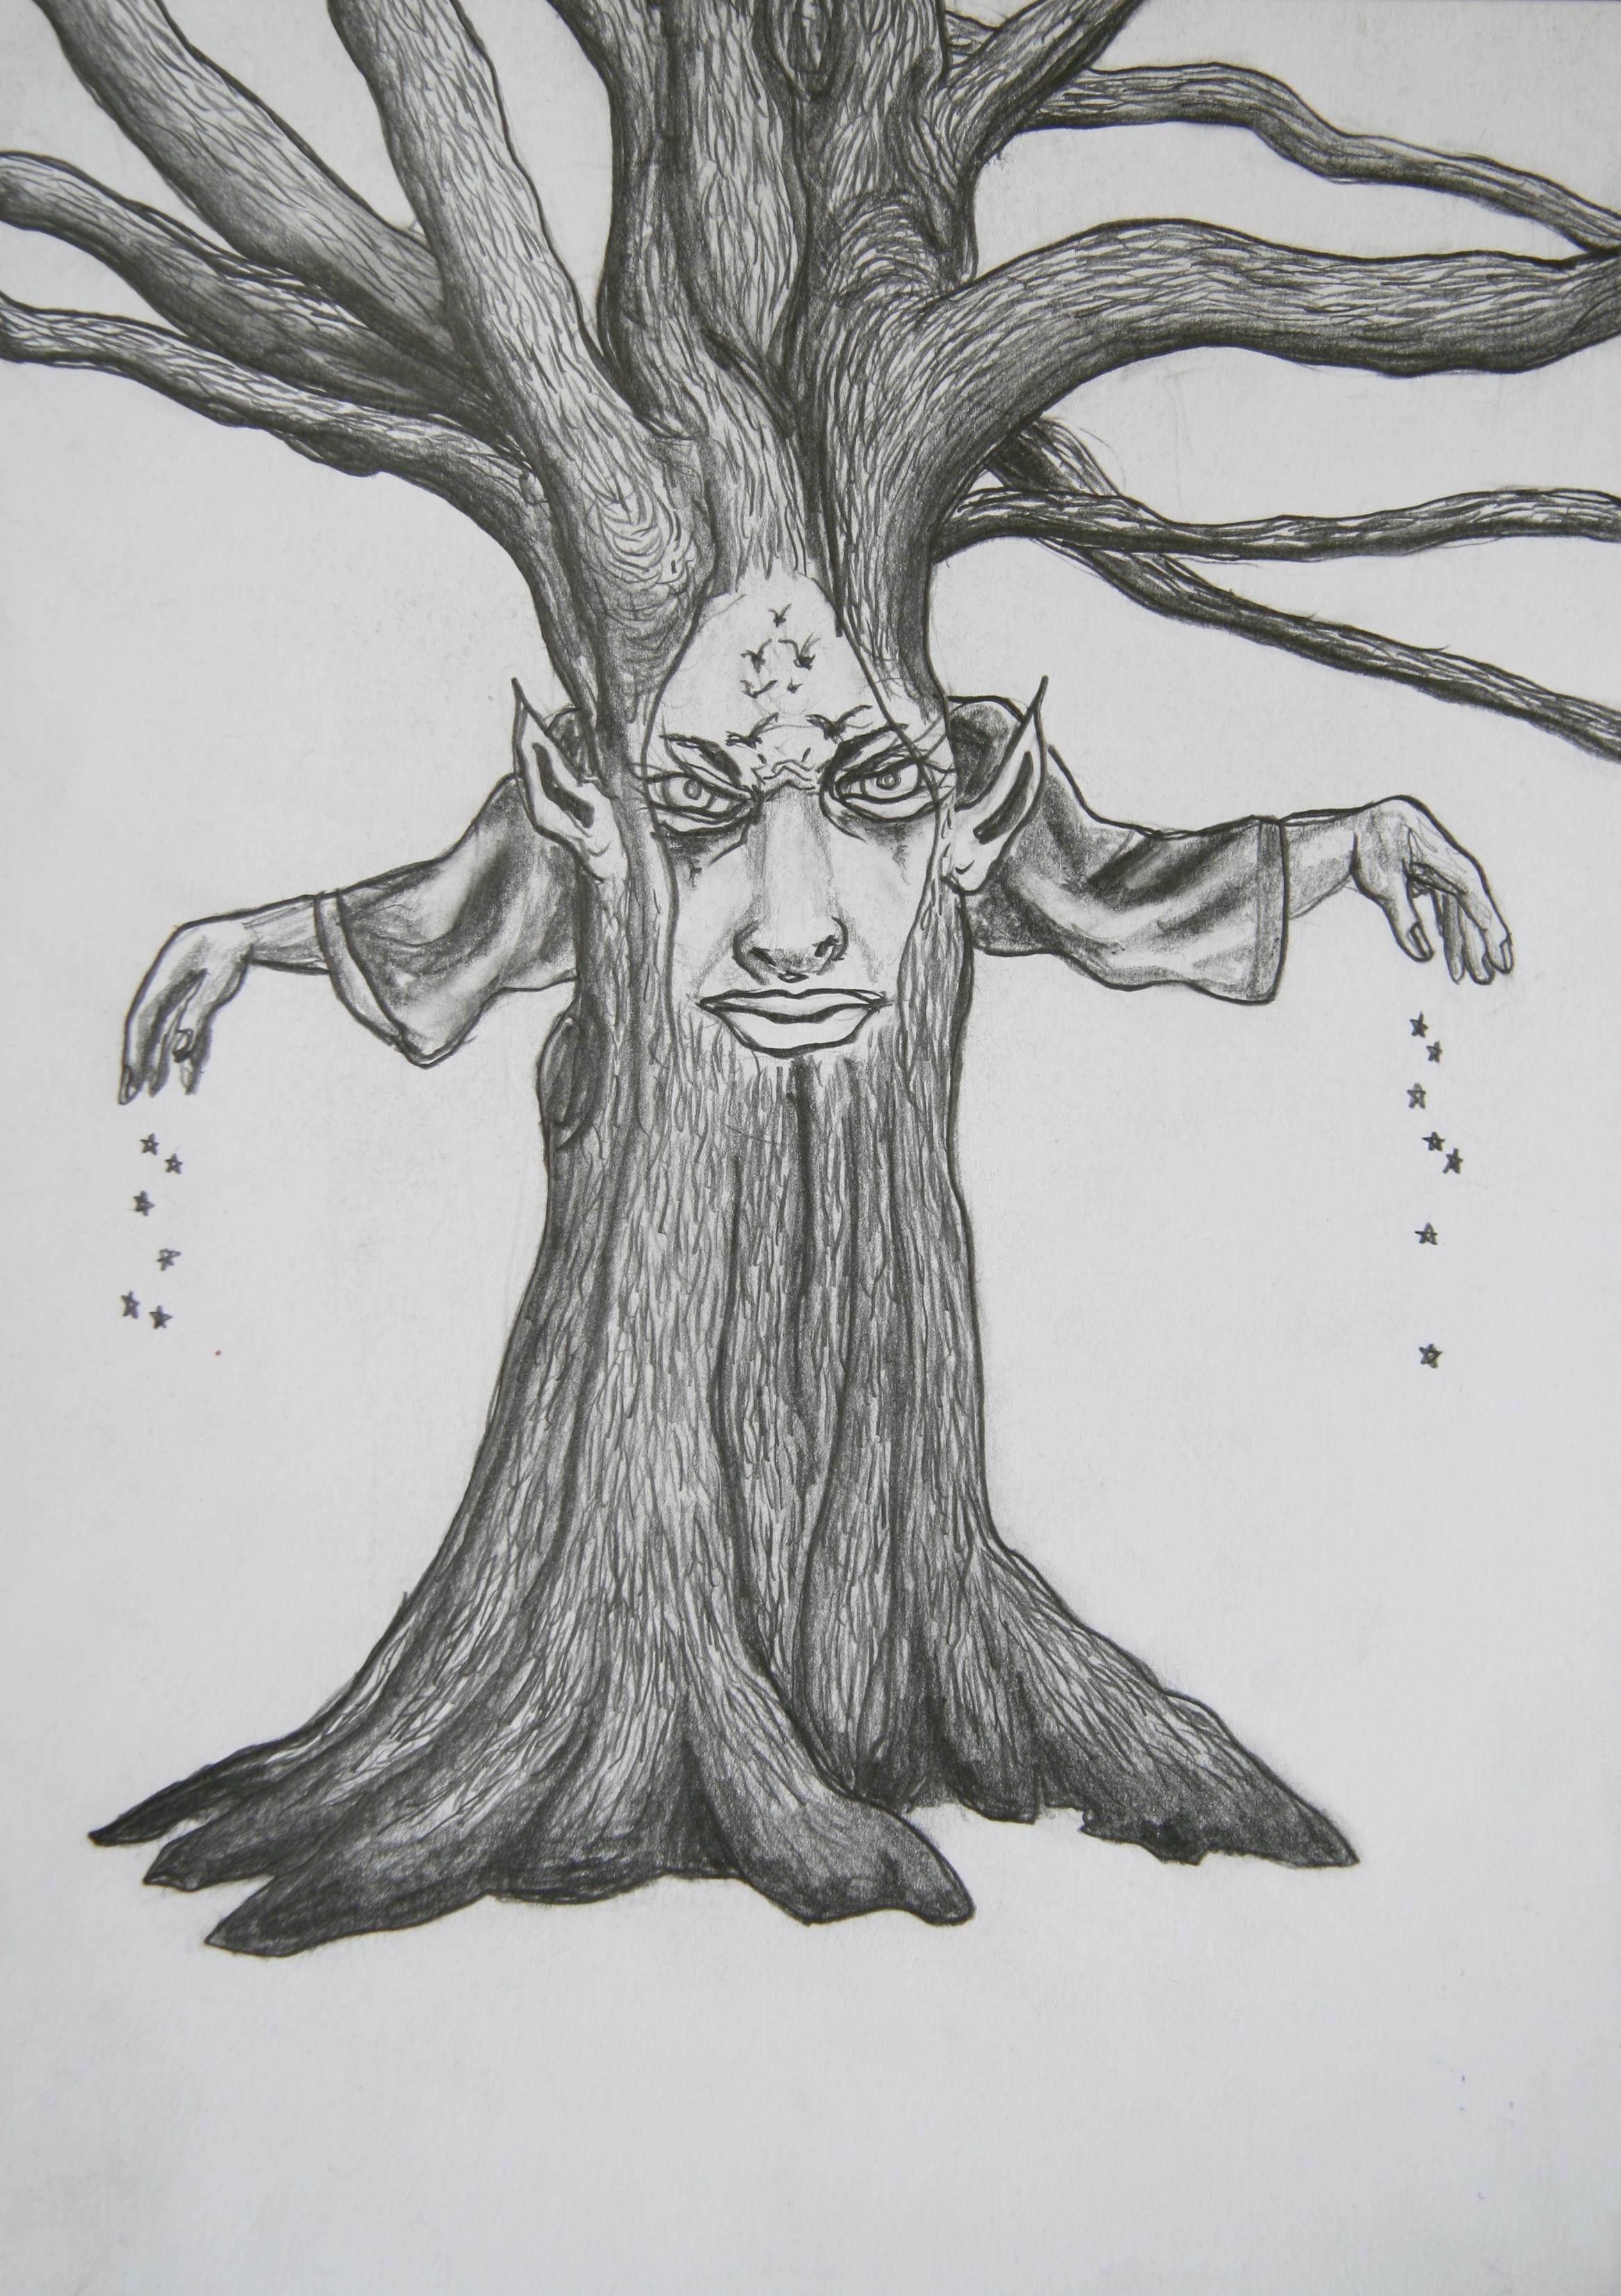 De Zaaier, 30x21cm, pencil on paper